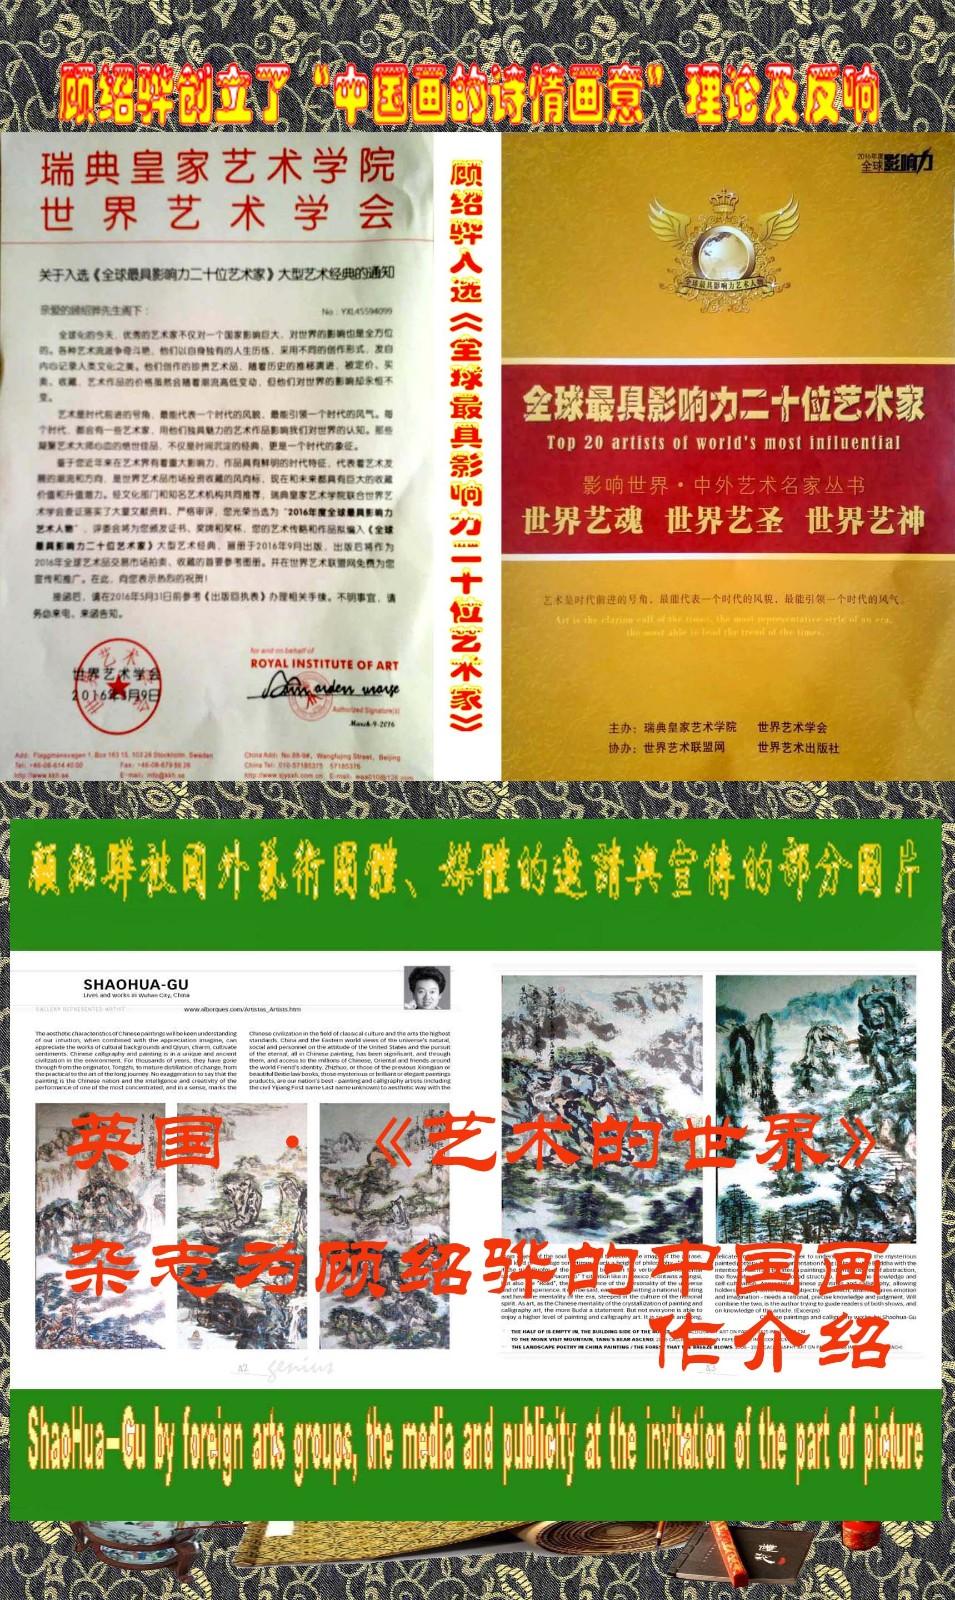 顾绍骅在中国画方面作出的一点贡献_图1-19